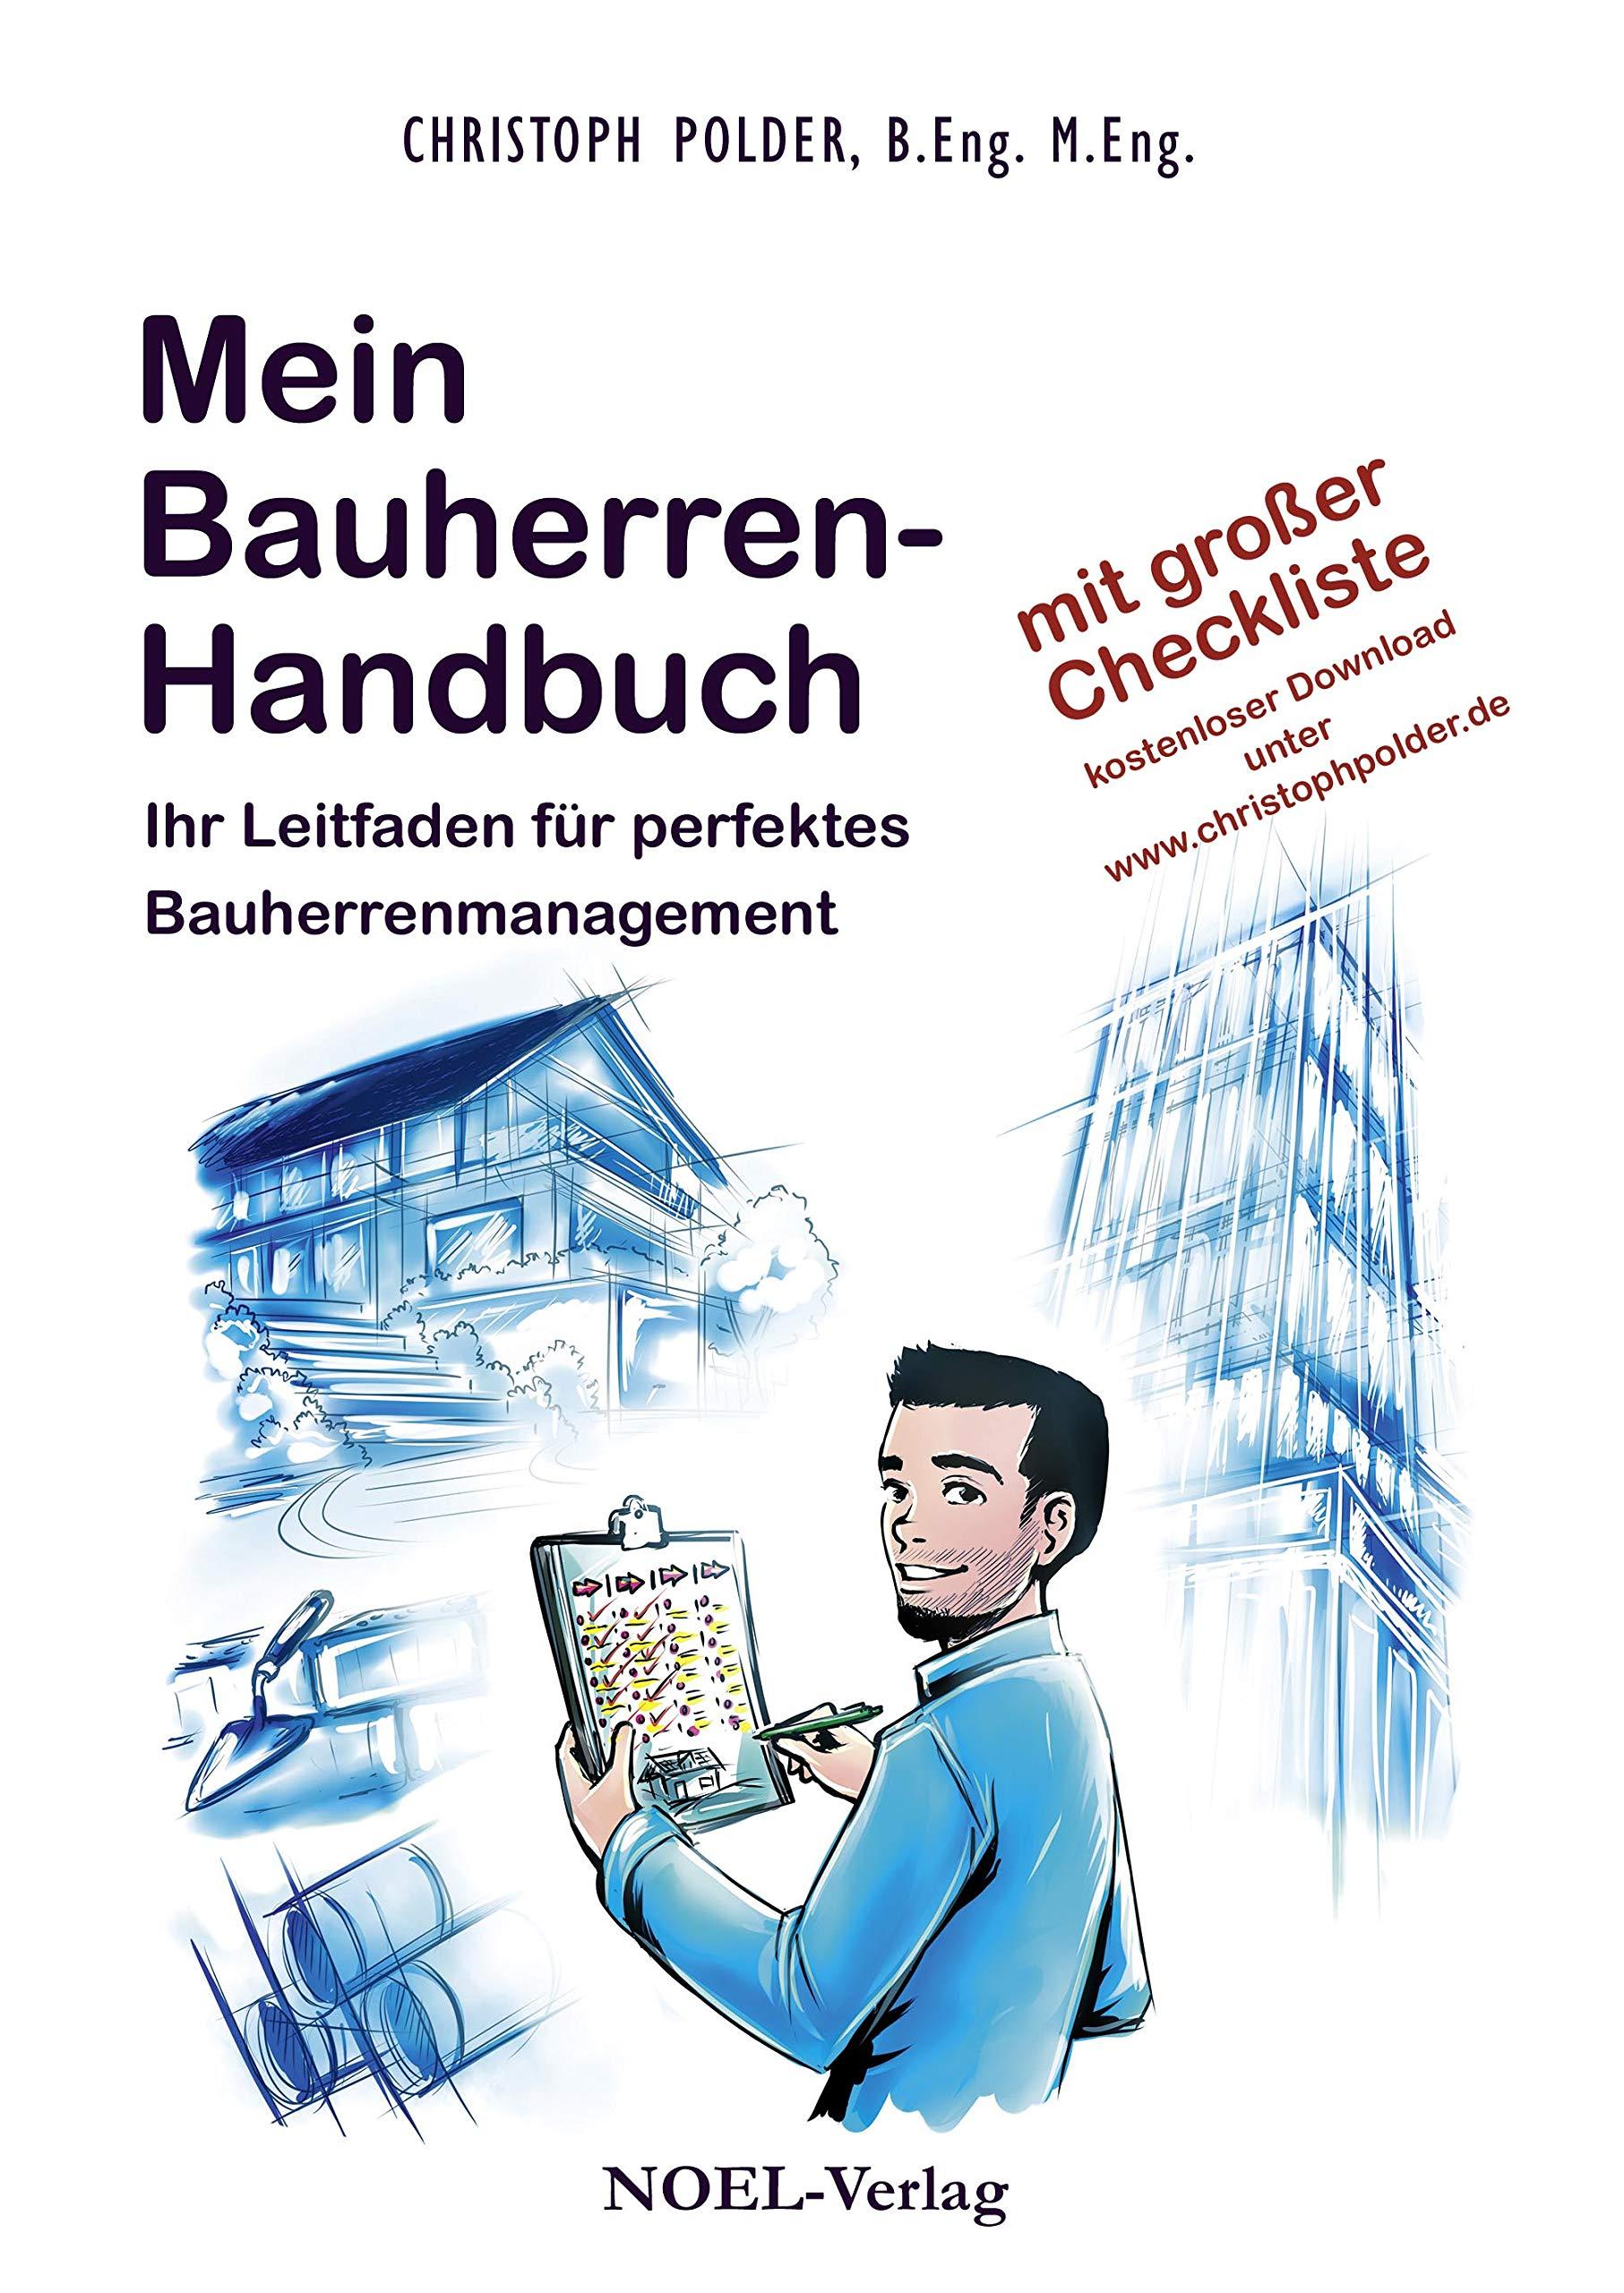 Mein Bauherren Handbuch  Ihr Leitfaden Für Perfektes Bauherrenmanagement